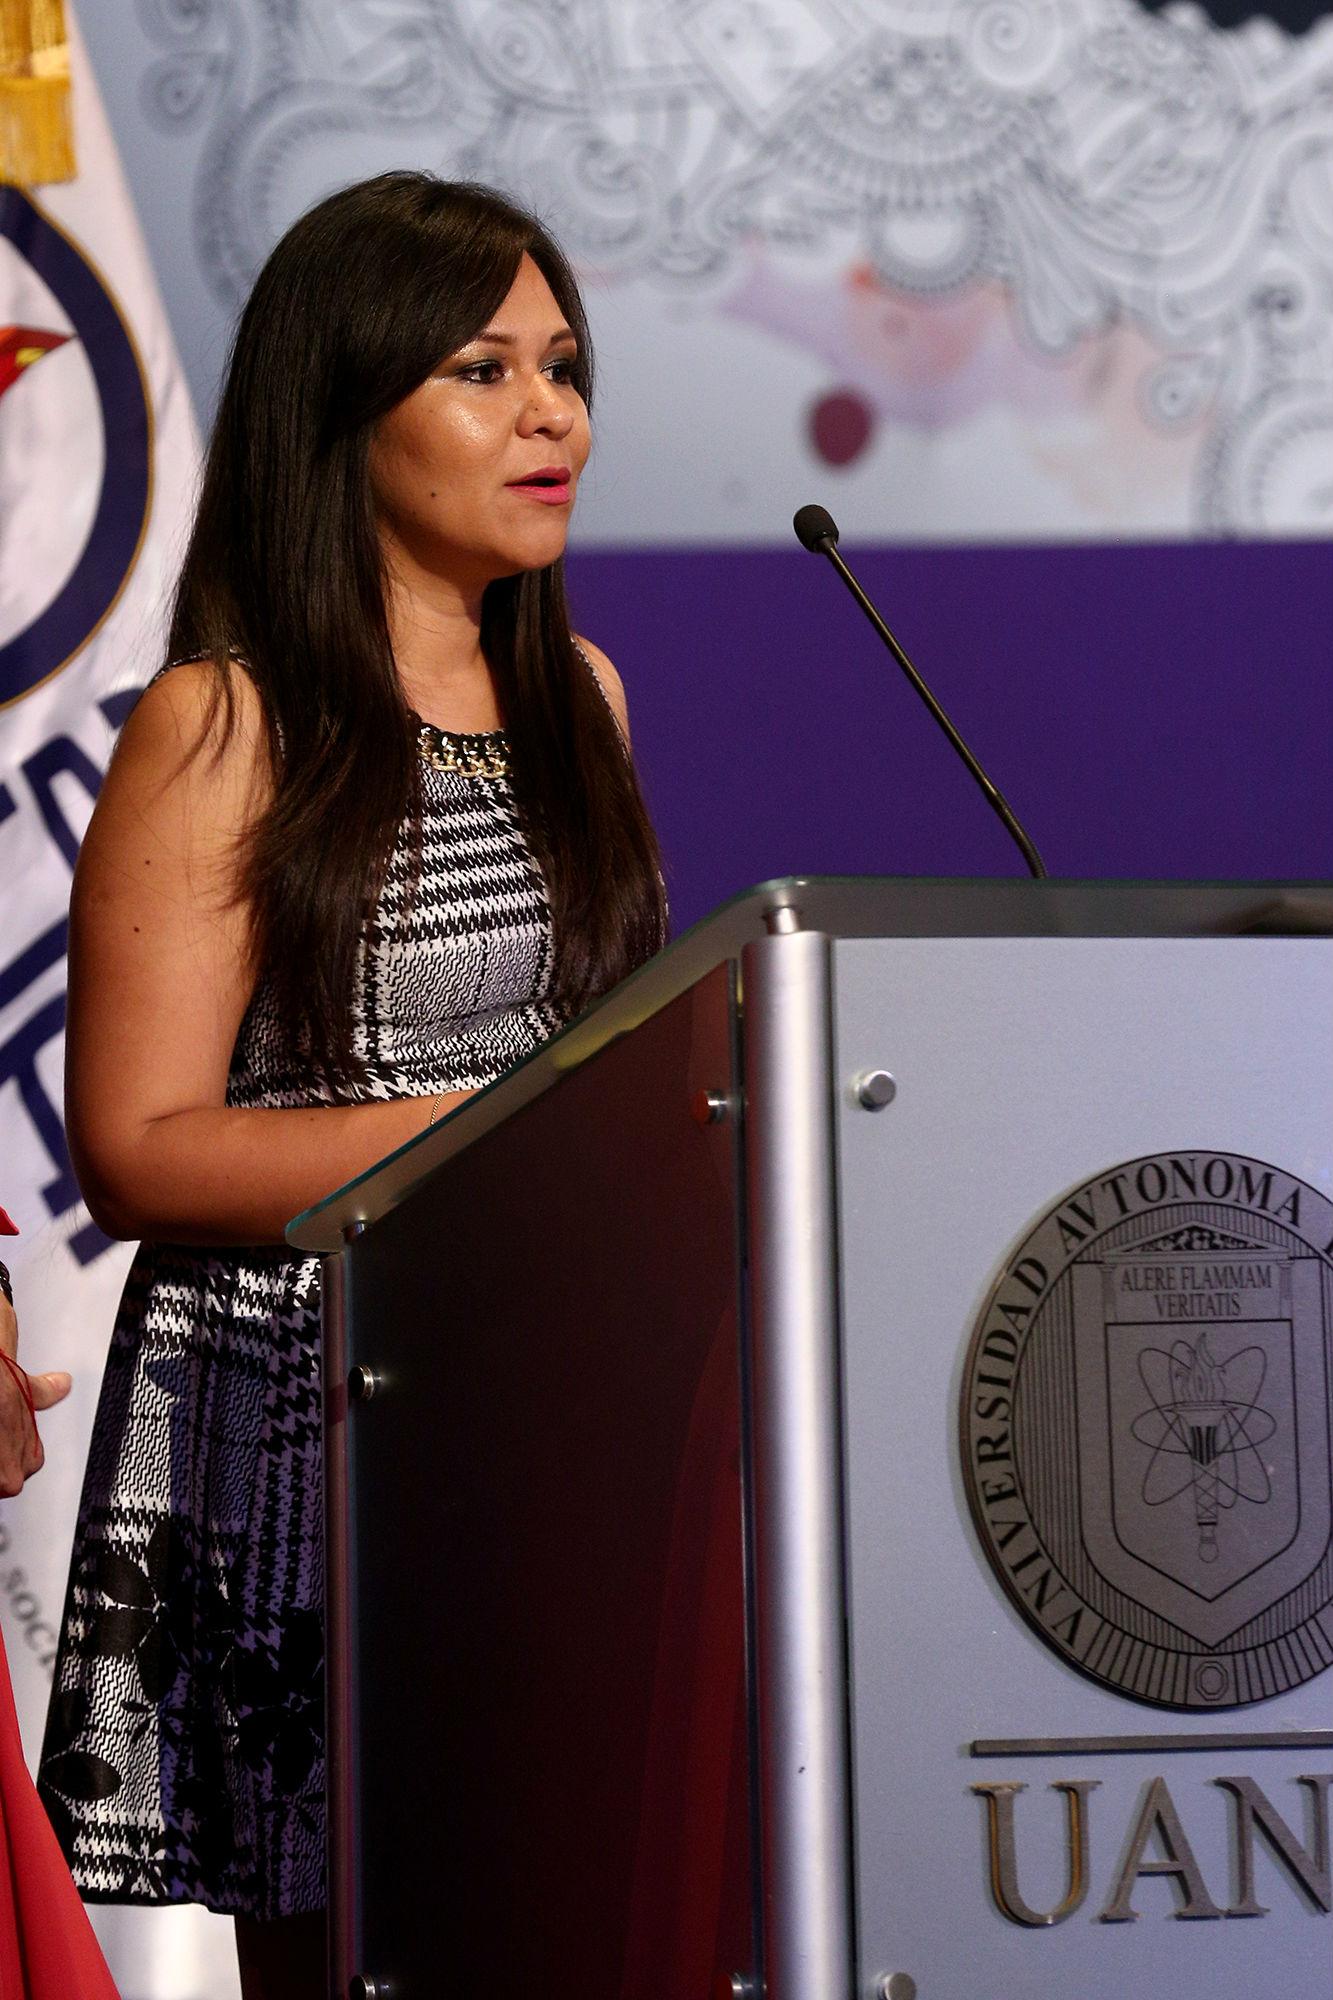 Hérika Martínez Prado da su mensaje tras recibir el premio en la categoría de Entrevista